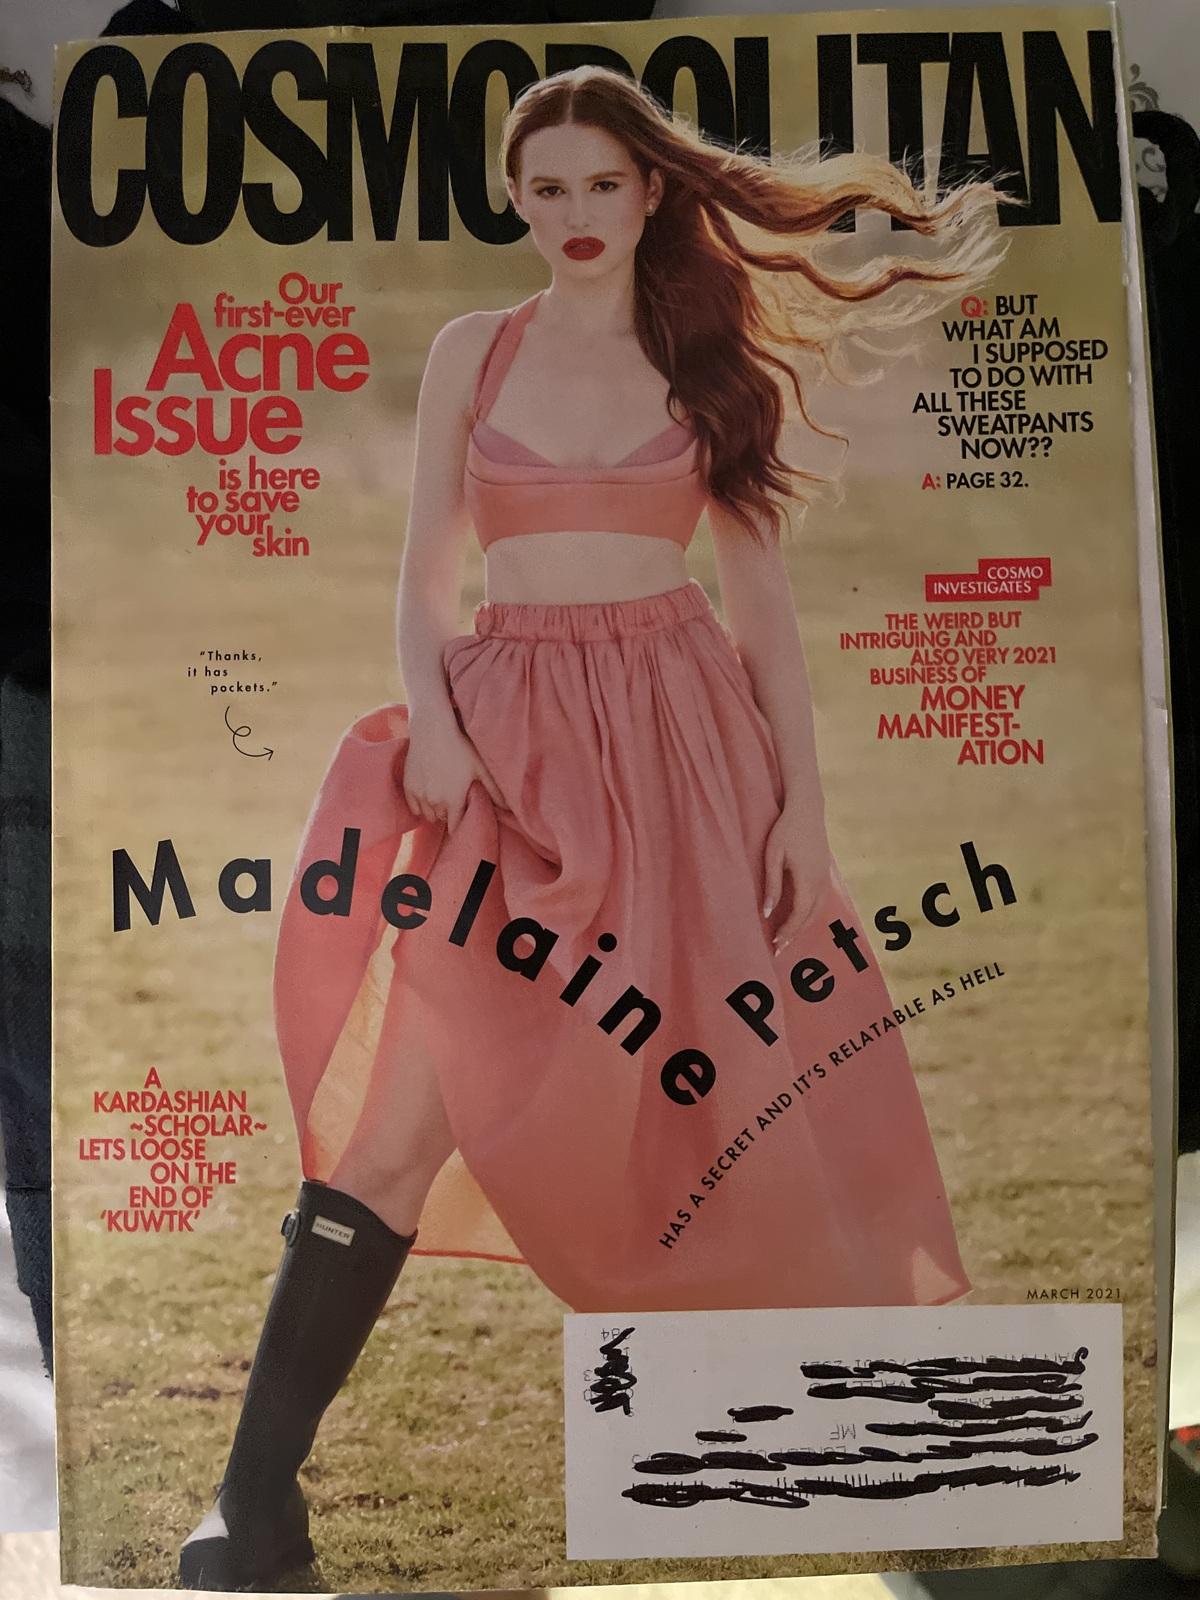 Cosmopolitan Magazine Marcu 2021 Issue - $7.15